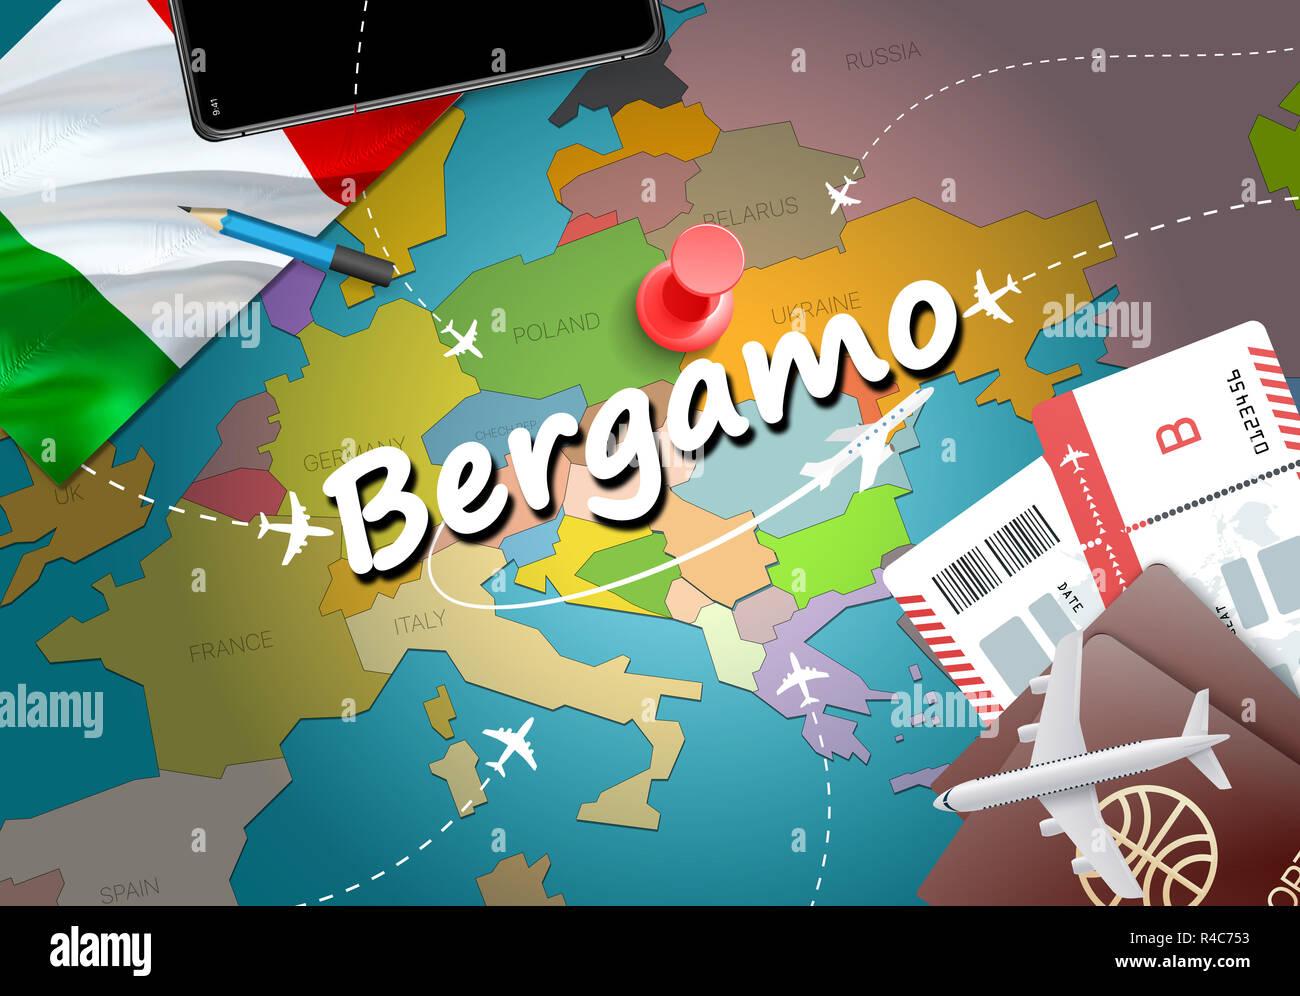 Bergamo Stadt Reisen Und Tourismus Ziel Konzept Italien Flagge